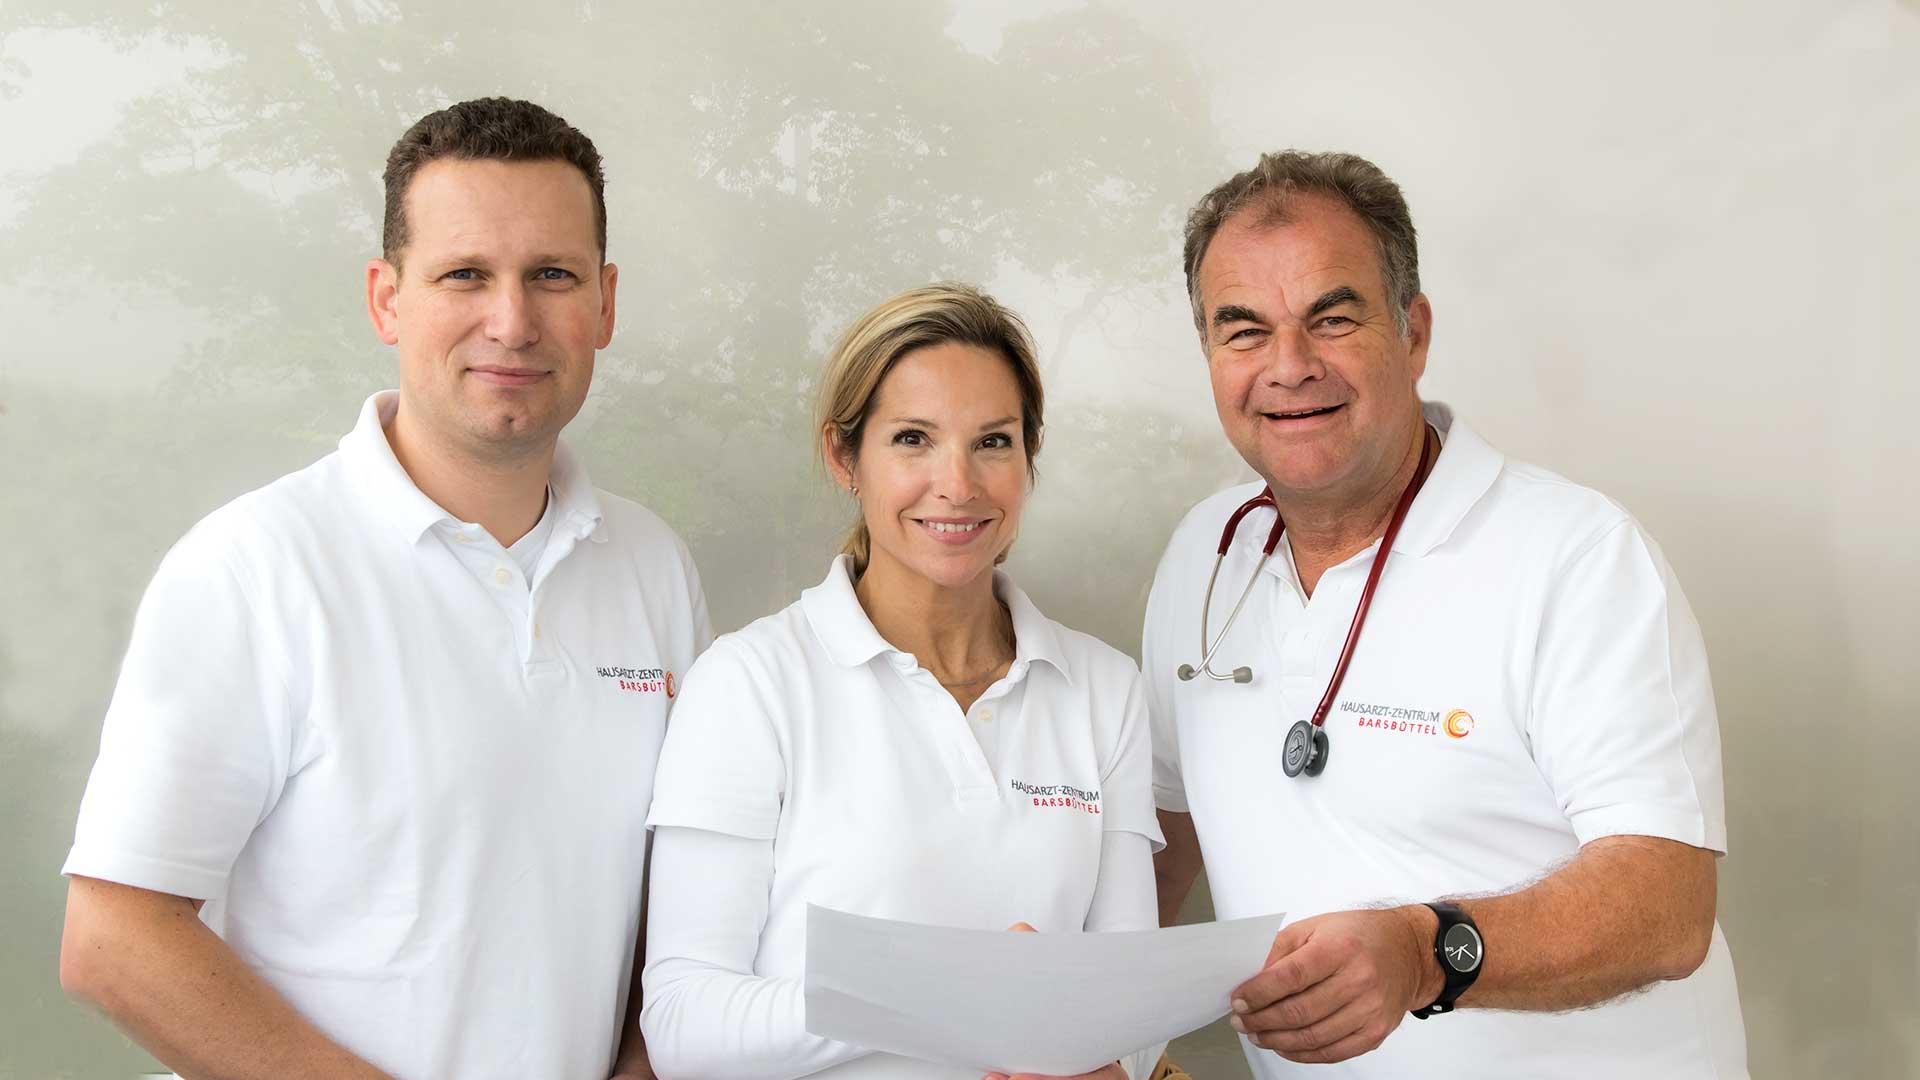 Dr. med. M. Dohrmann | Dr. med. A. Haverland | Dr. med. J. Busacker | Dr. med. K. Poweleit